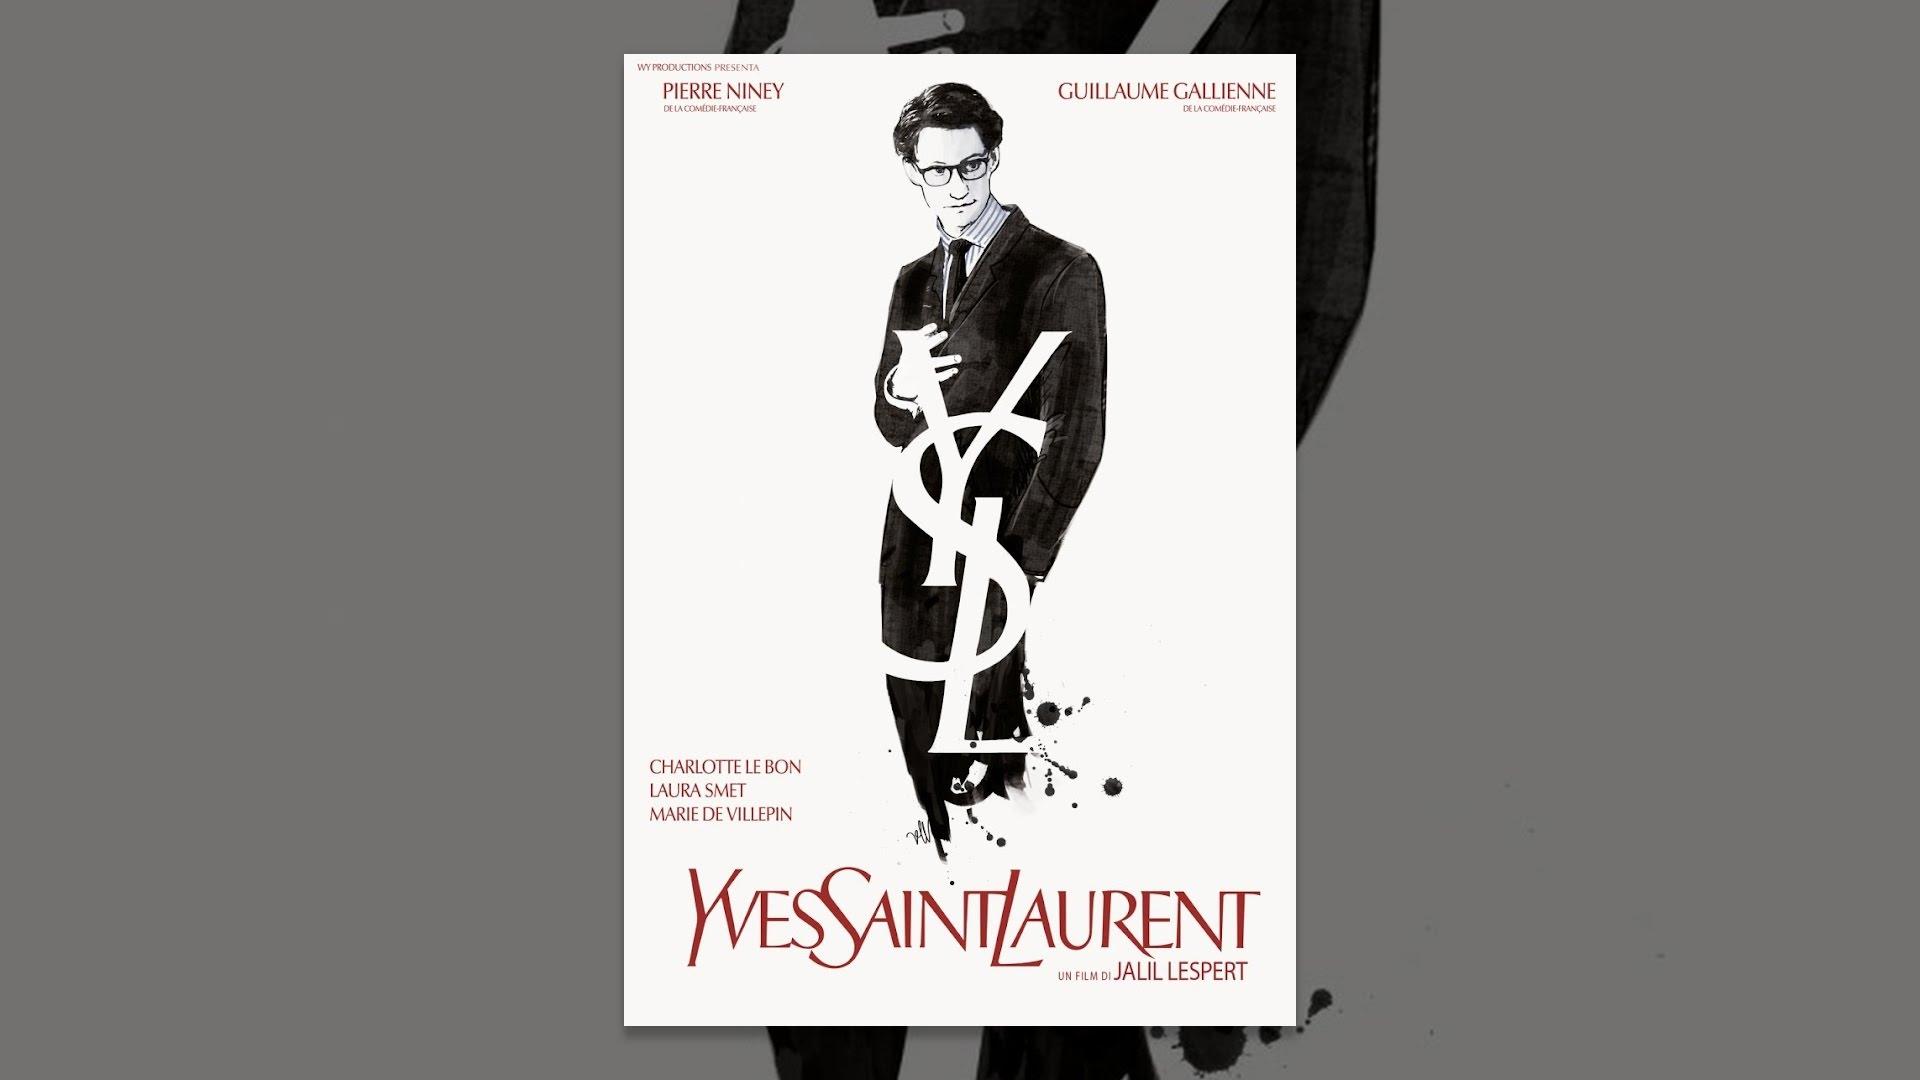 Ives Saint Laurent (I)